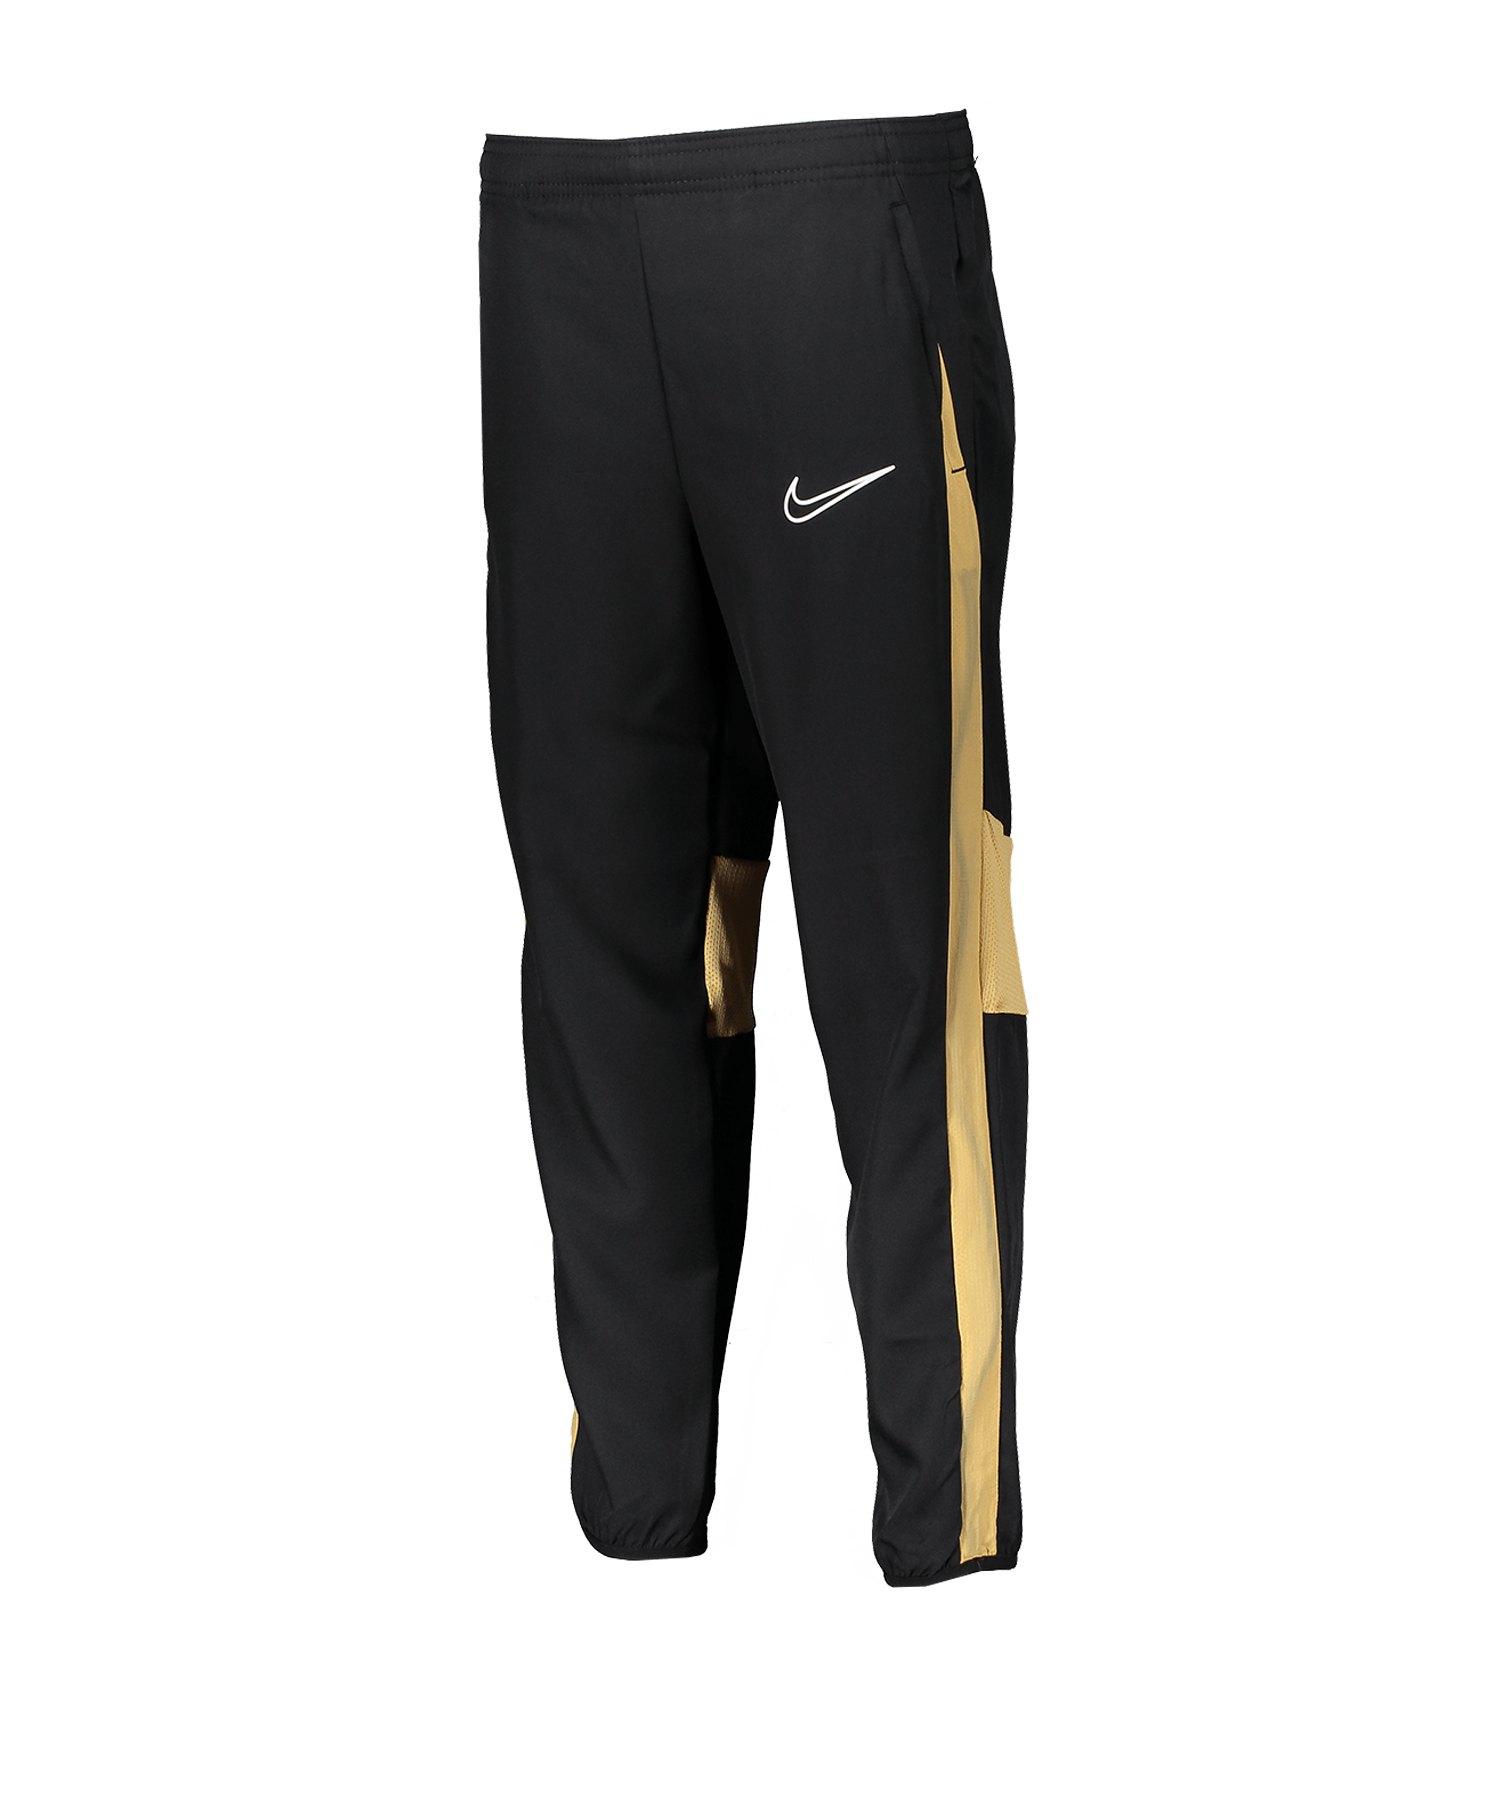 Nike Academy Dri-FIT Trainingshose Kids F011 - schwarz